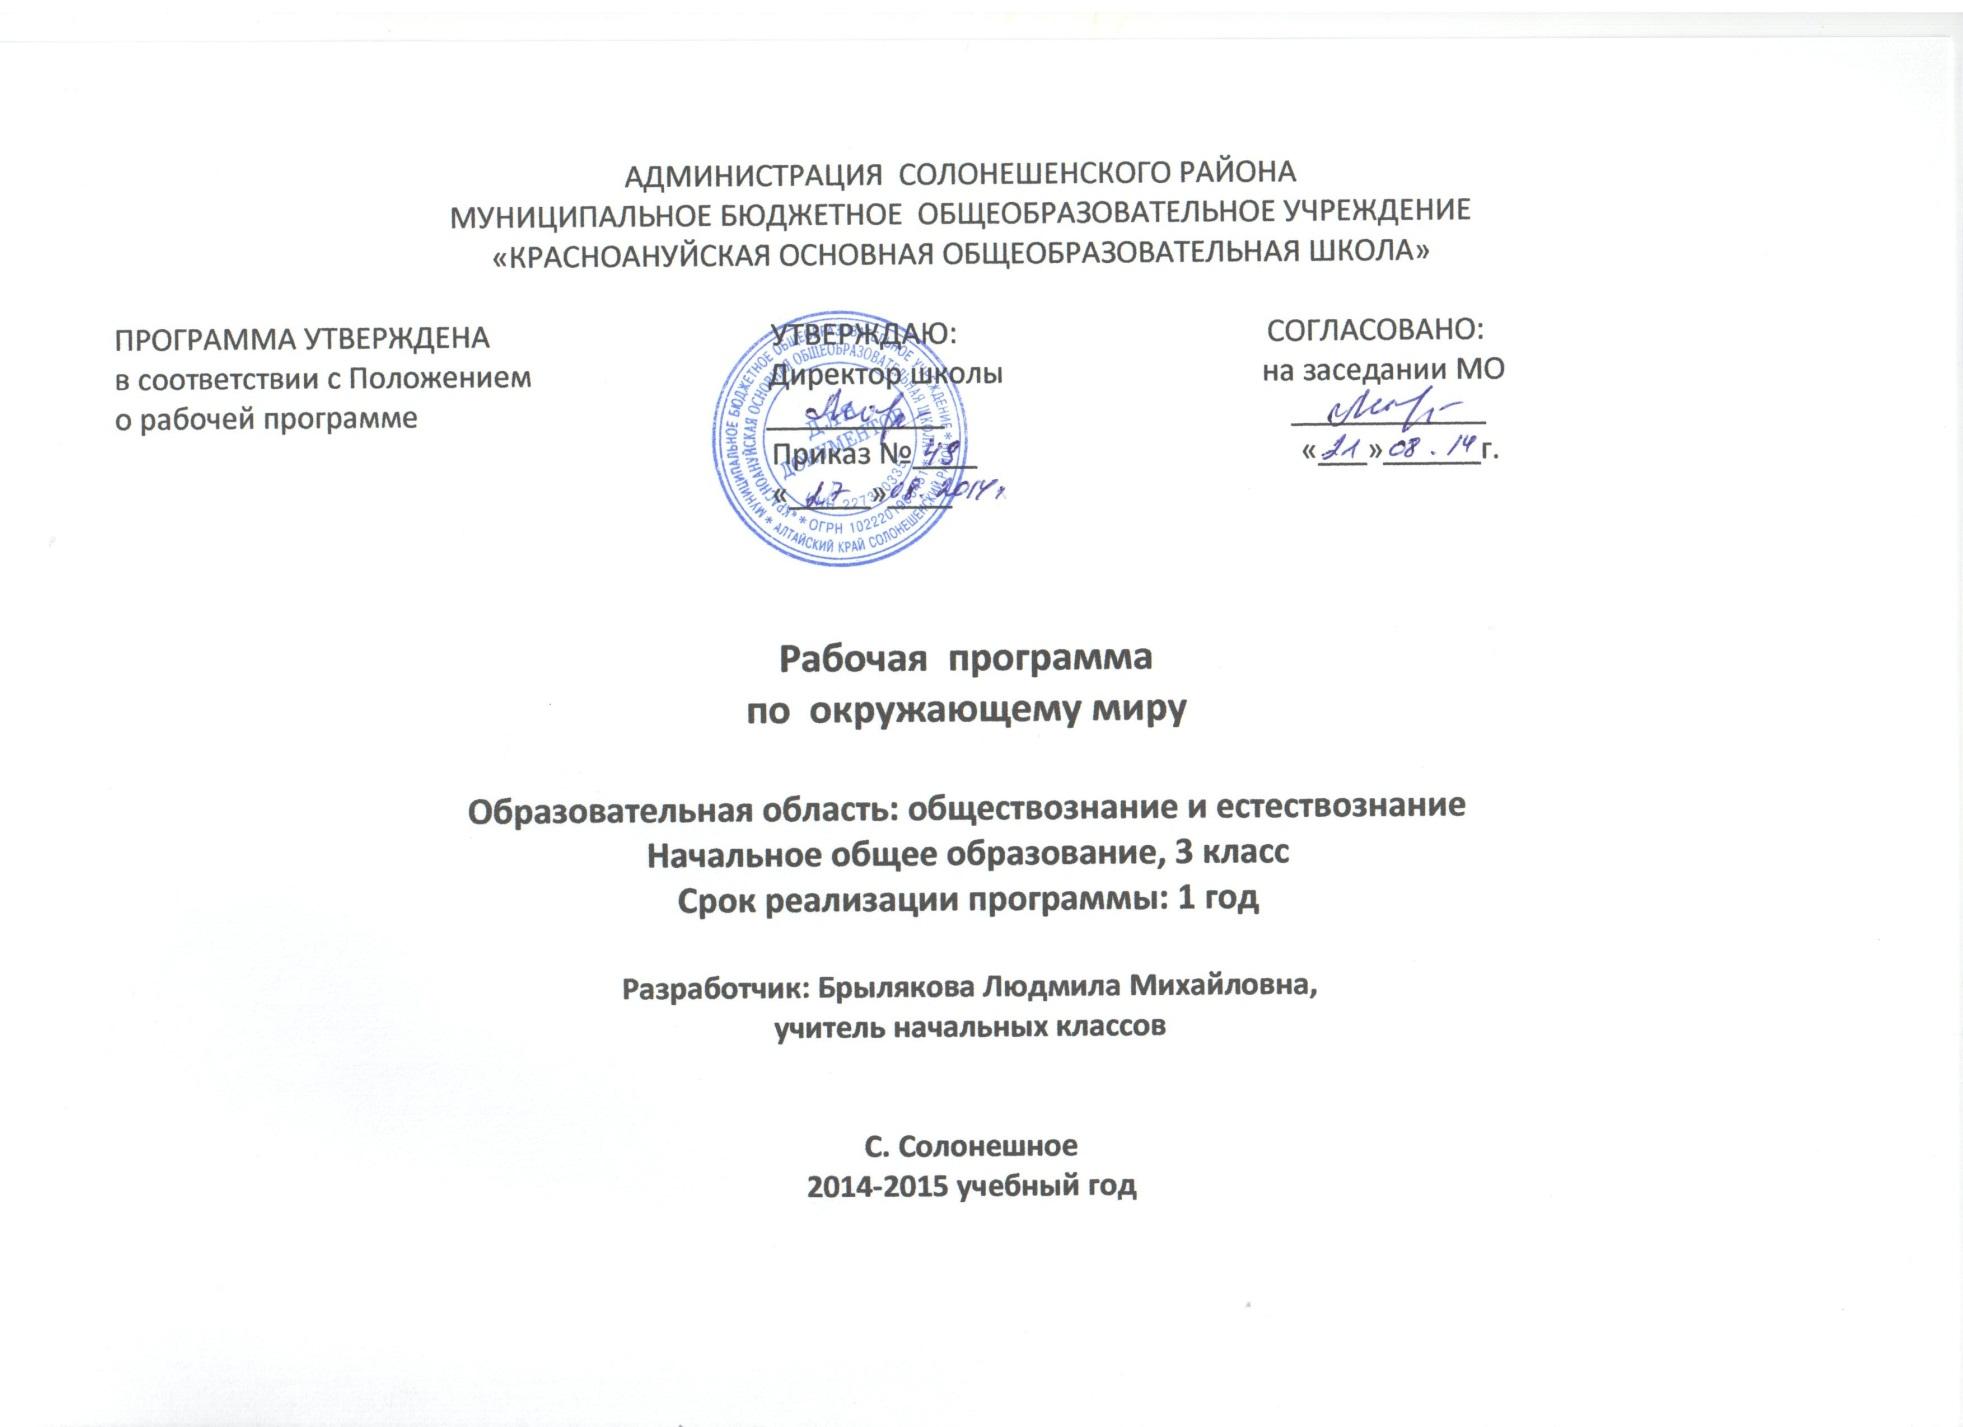 C:\Users\Людмила\Desktop\р3.jpeg